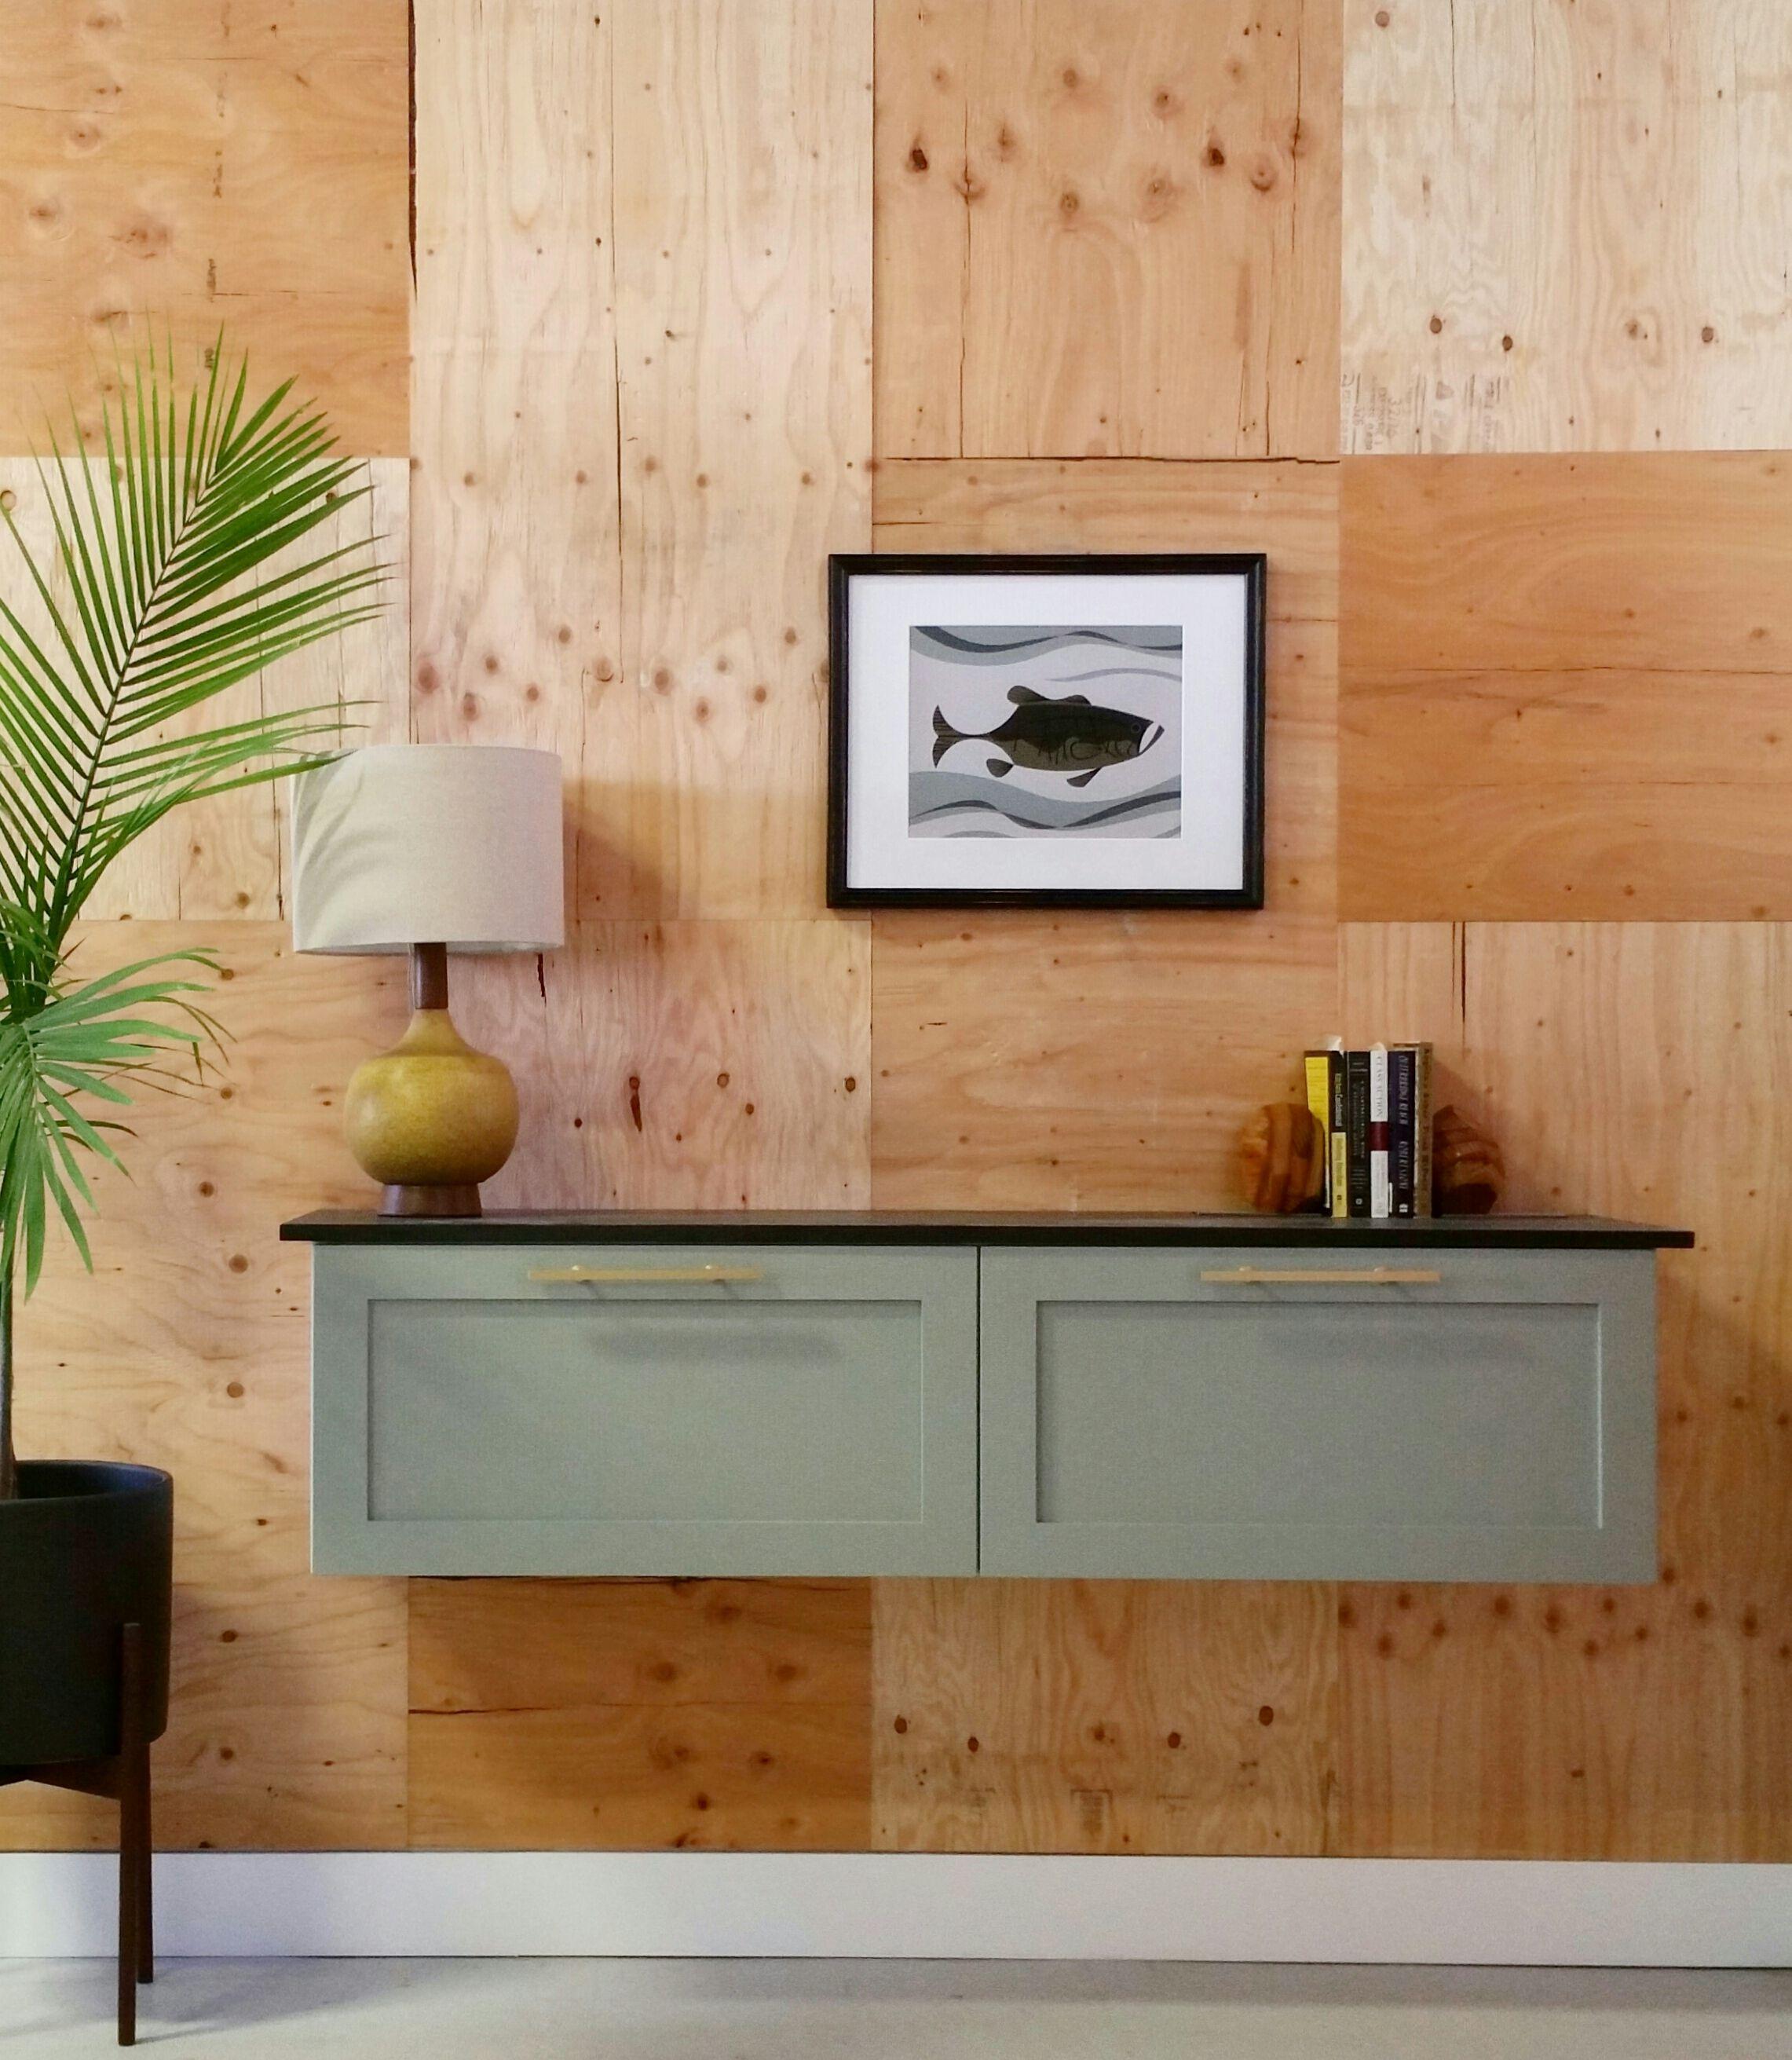 Ikea Kitchen Diy: Semihandmade DIY Shaker Ikea Cabinet